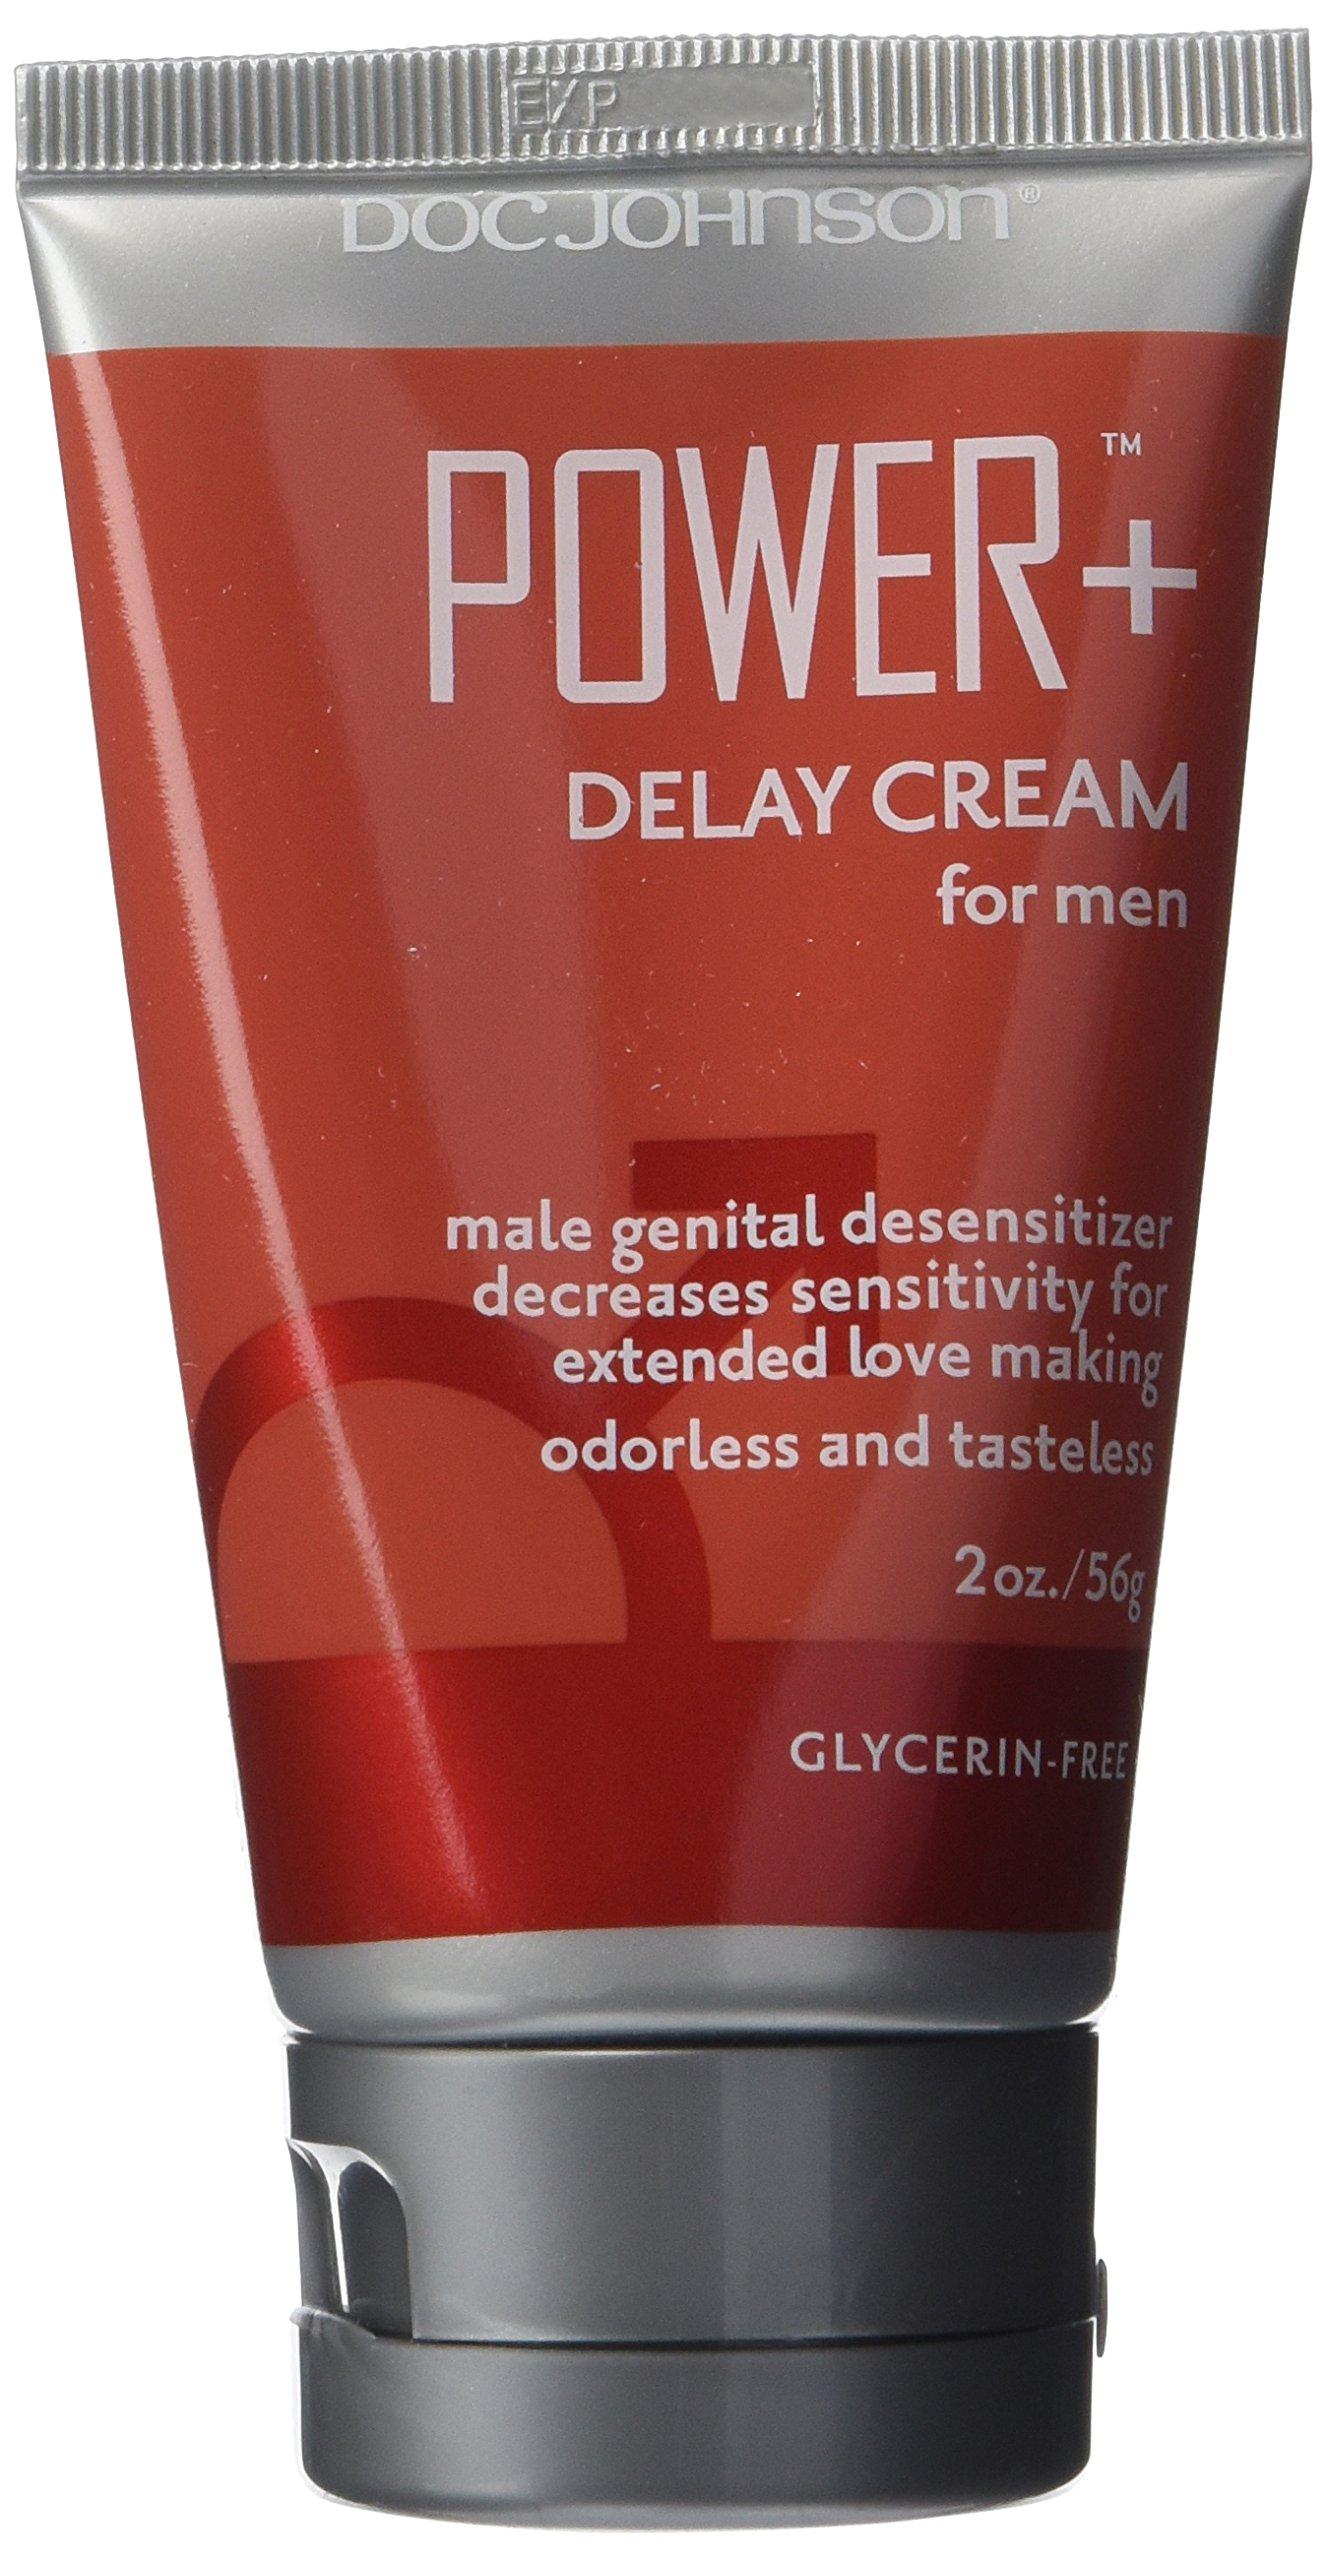 Sexual sensitizing cream for men